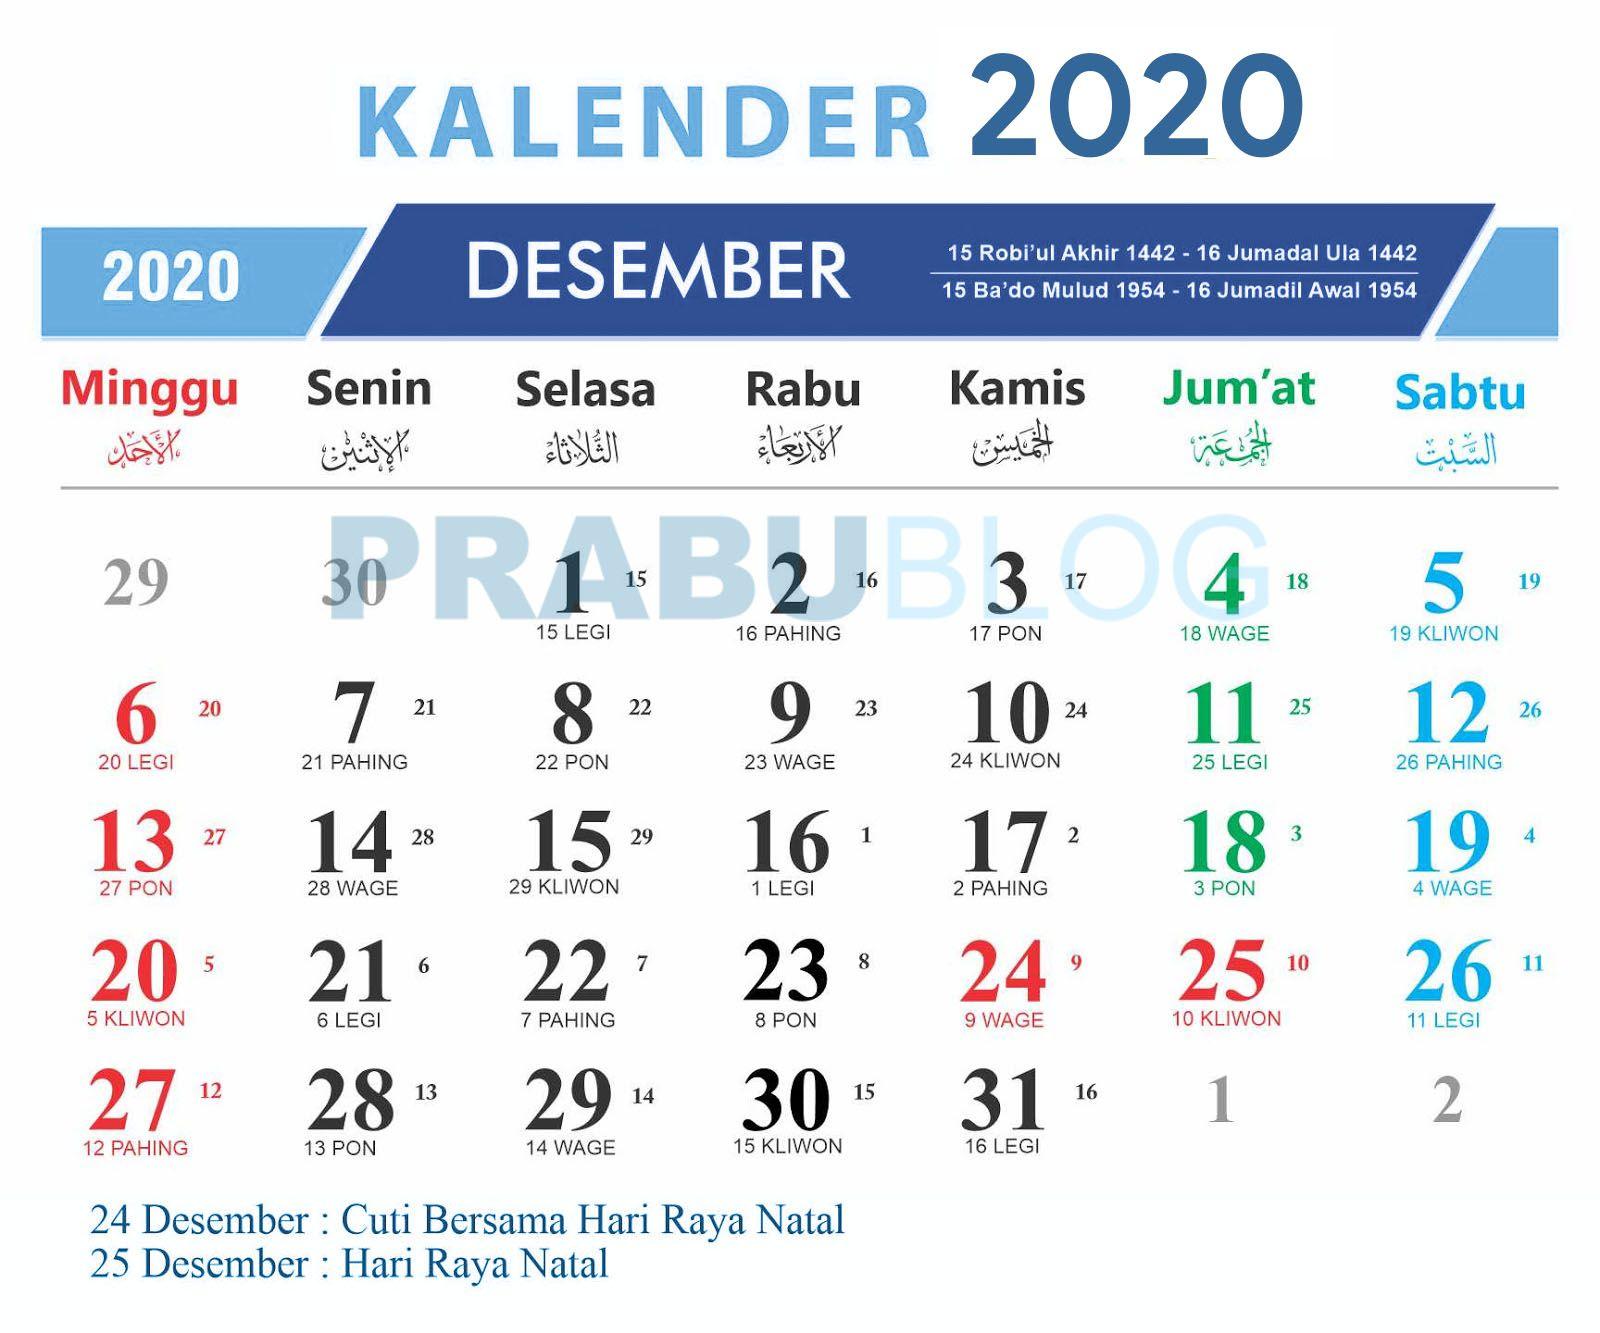 kalender desember 2020 nasional dan jawa